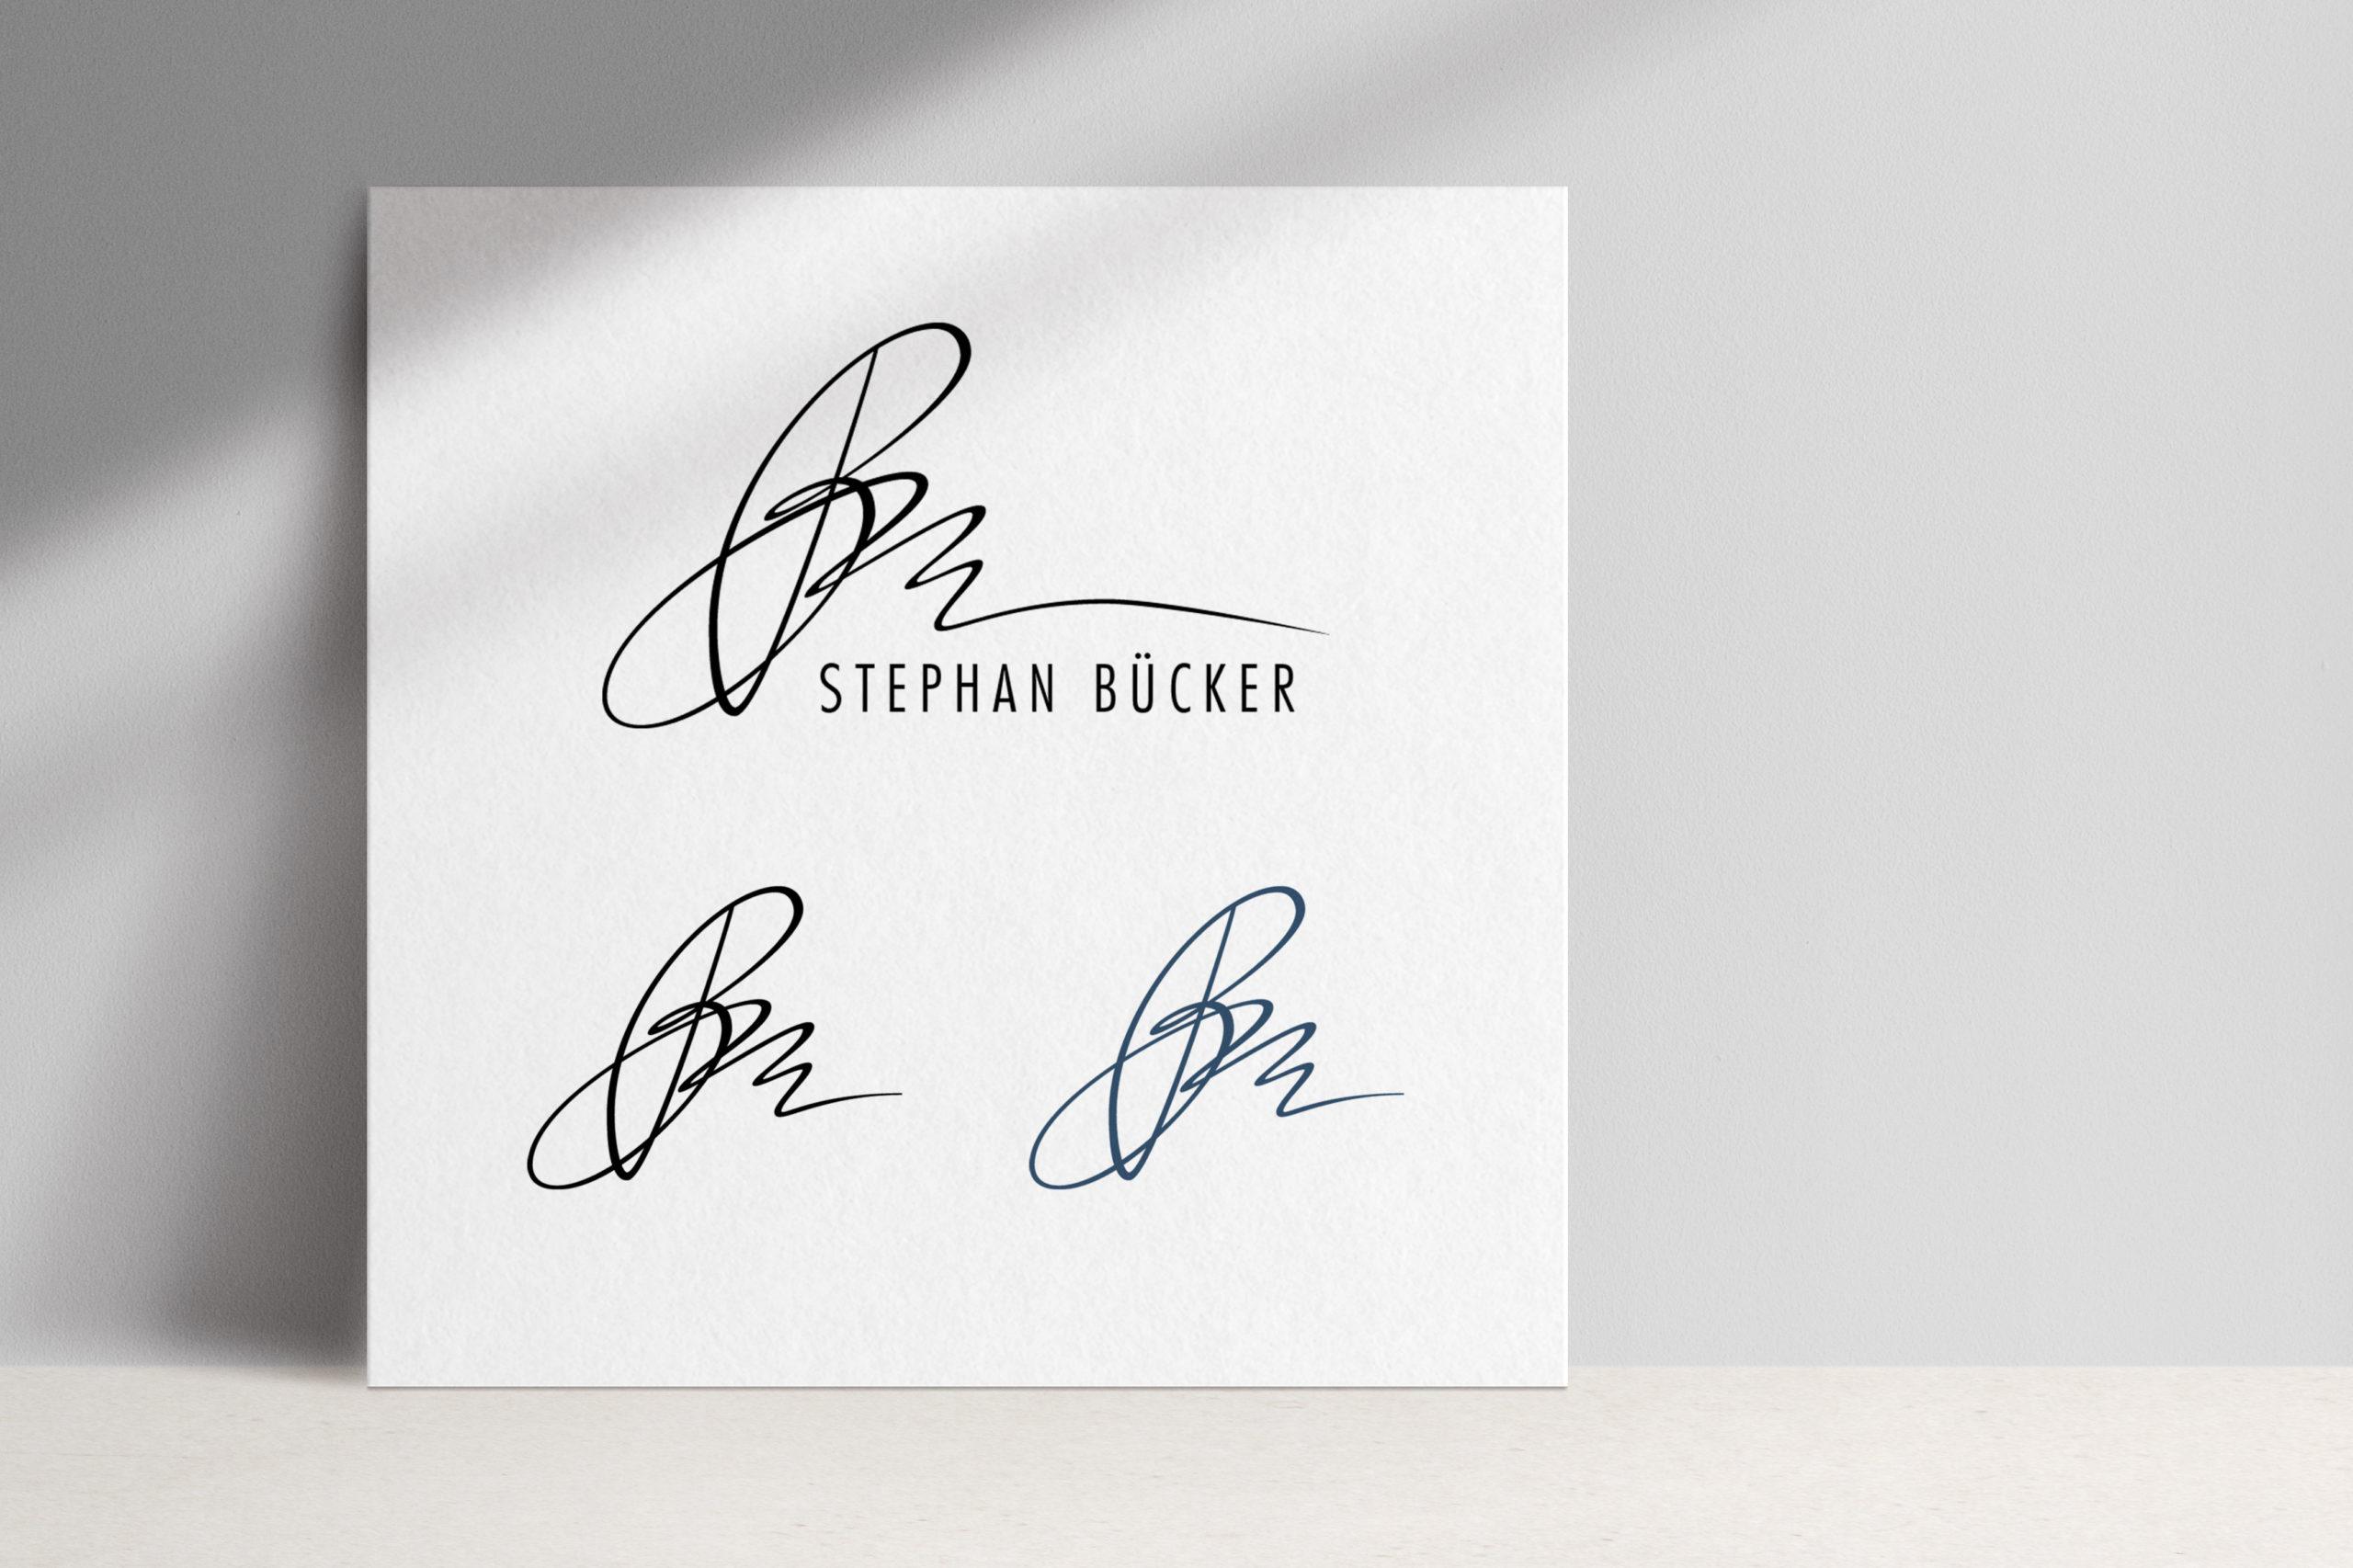 Dr. Stephan Bücker, Logodesign mittels Handletterung Workshop von Zena Bala